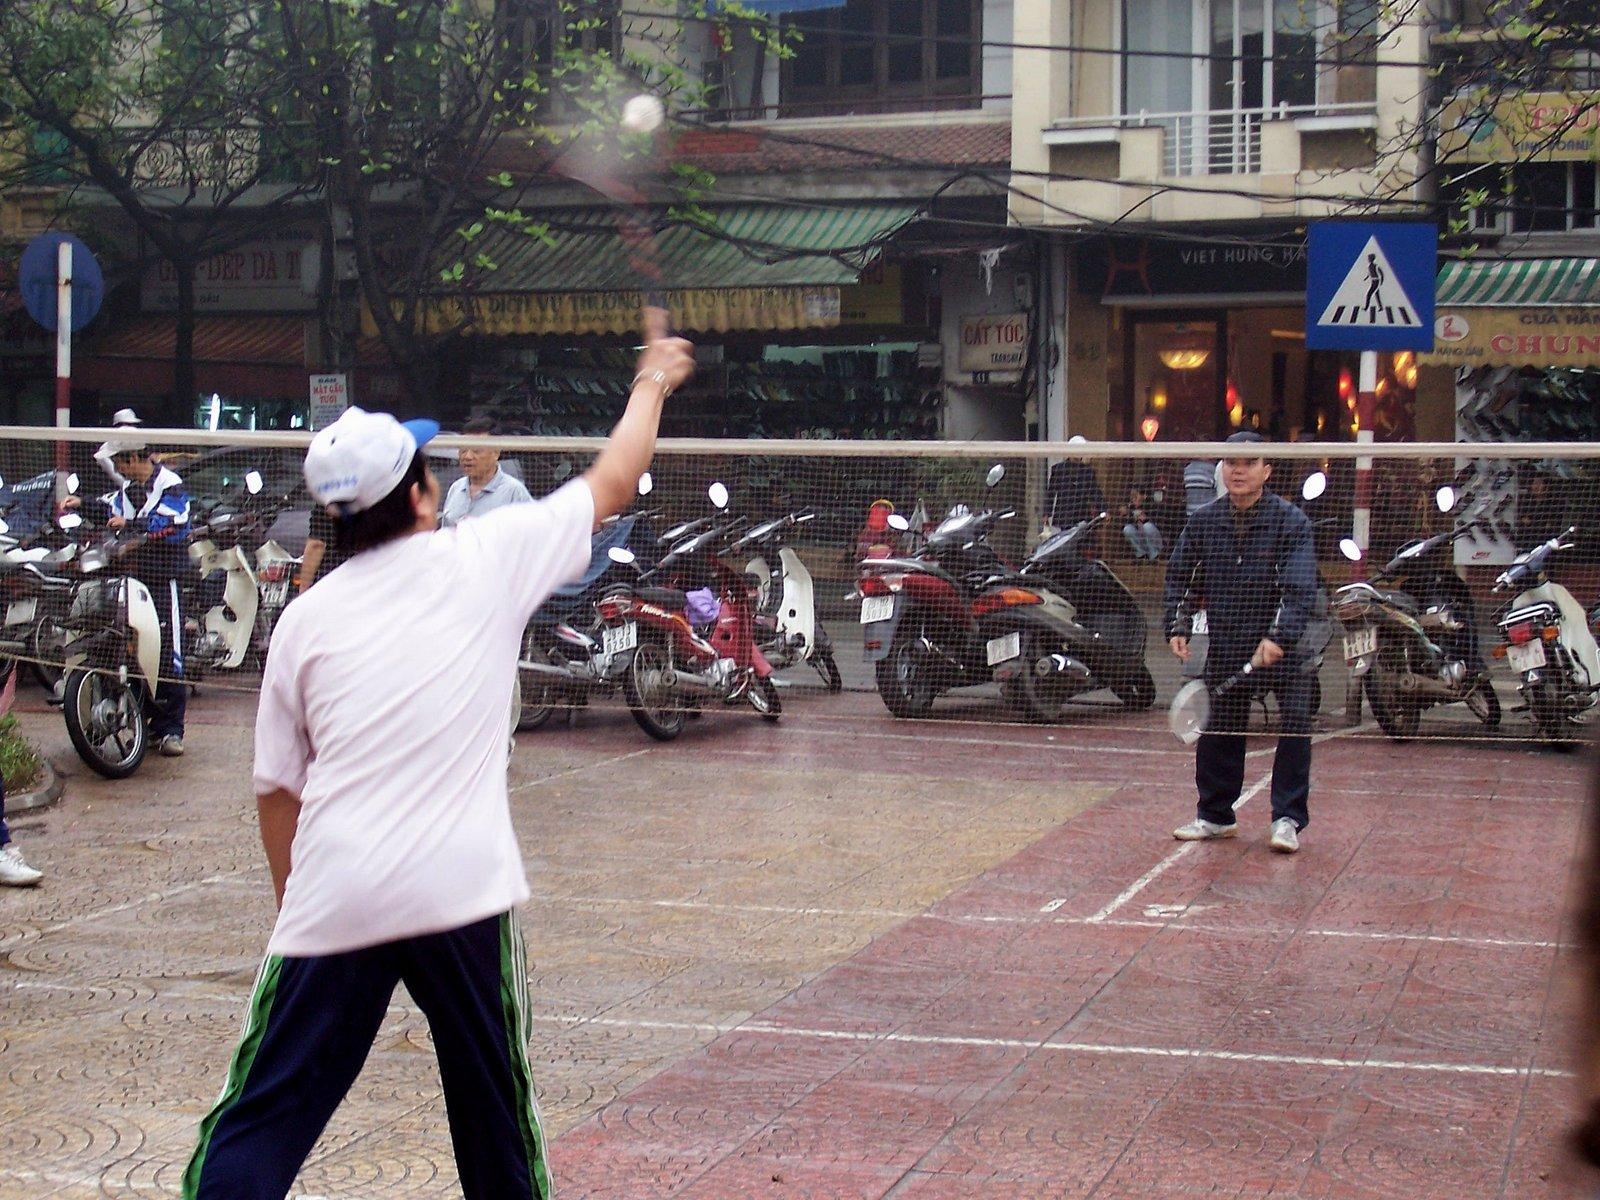 Badmintonspieler an den Straßen von Hanoi